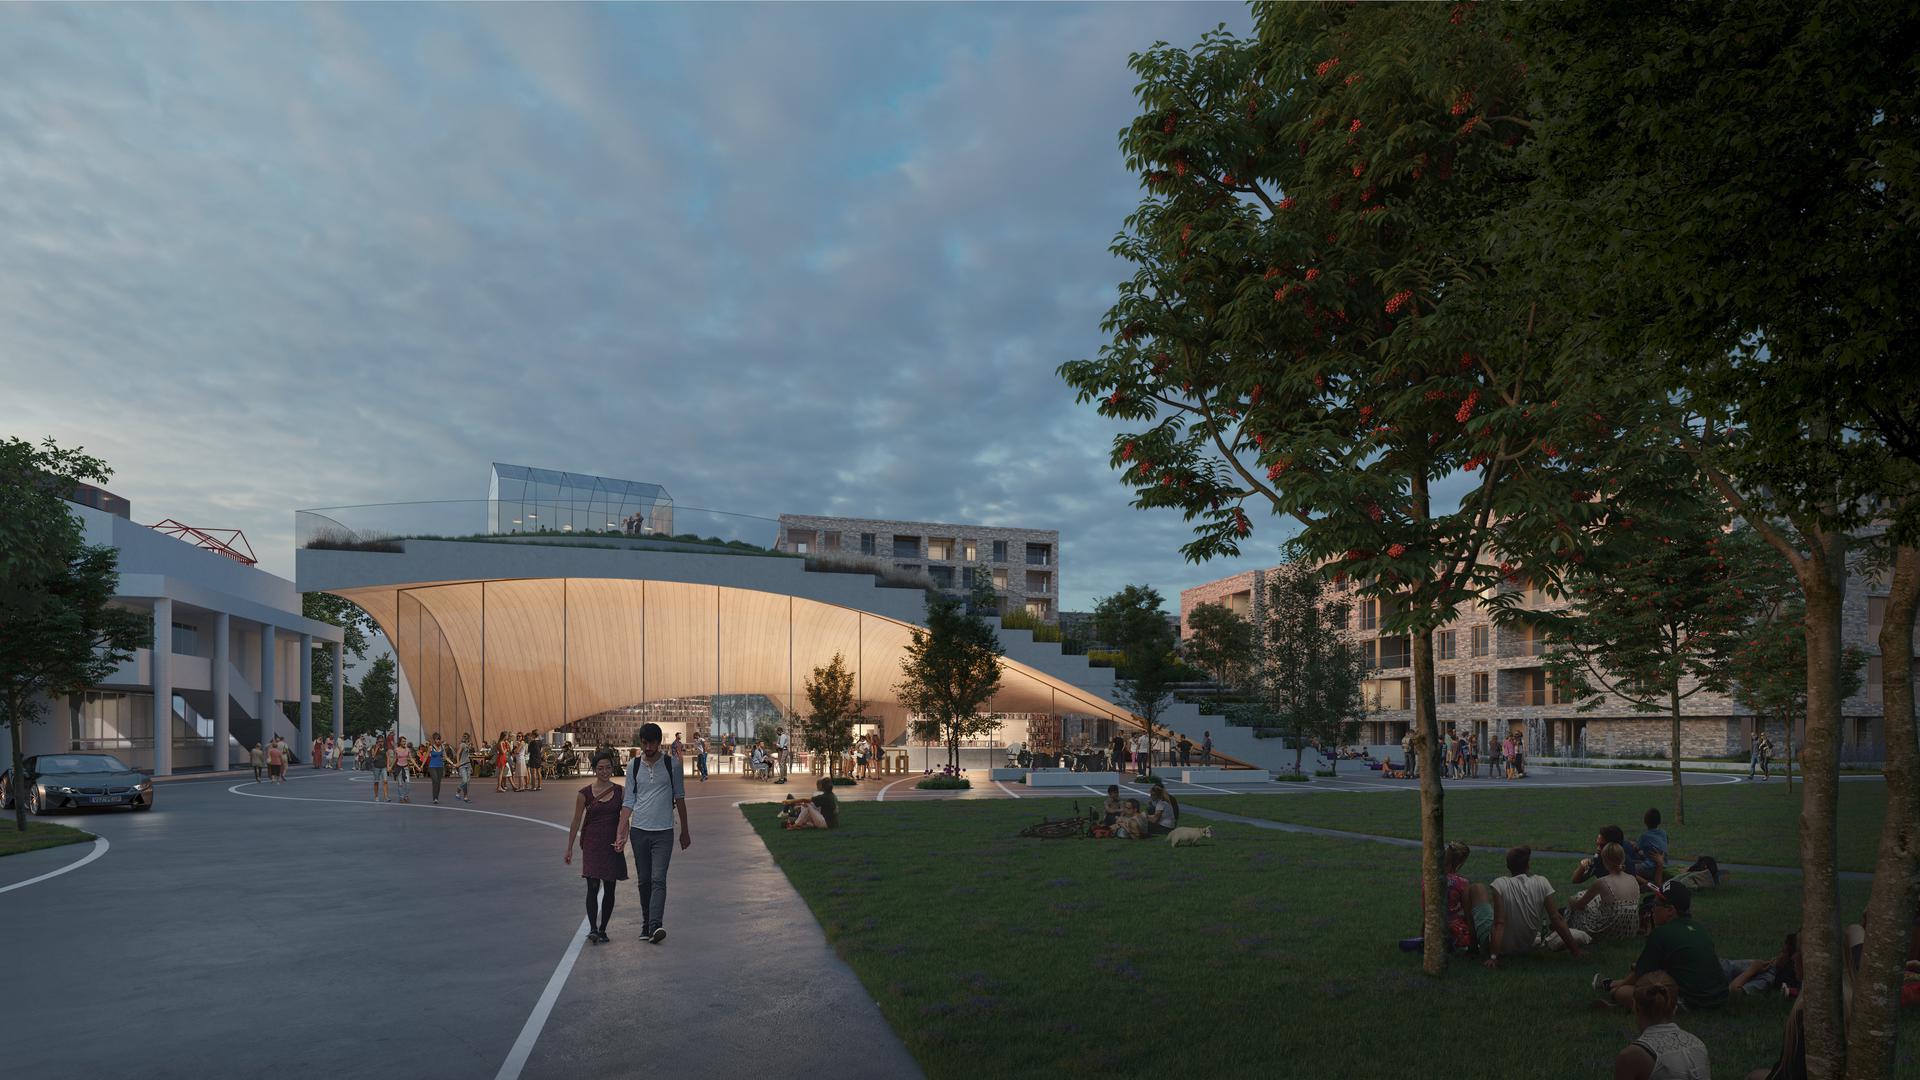 In die Umgebung eingepasst: Der Entwurf des niederländischen Architekten Winy Maas für die neue Gemeindebibliothek in Graben-Neudorf findet in der überarbeiten Ausführung viel Bewunderung.  Die Treppenanlage könnte sich vielfältig, auch für kulturelle Ereignisse, nutzen lassen.